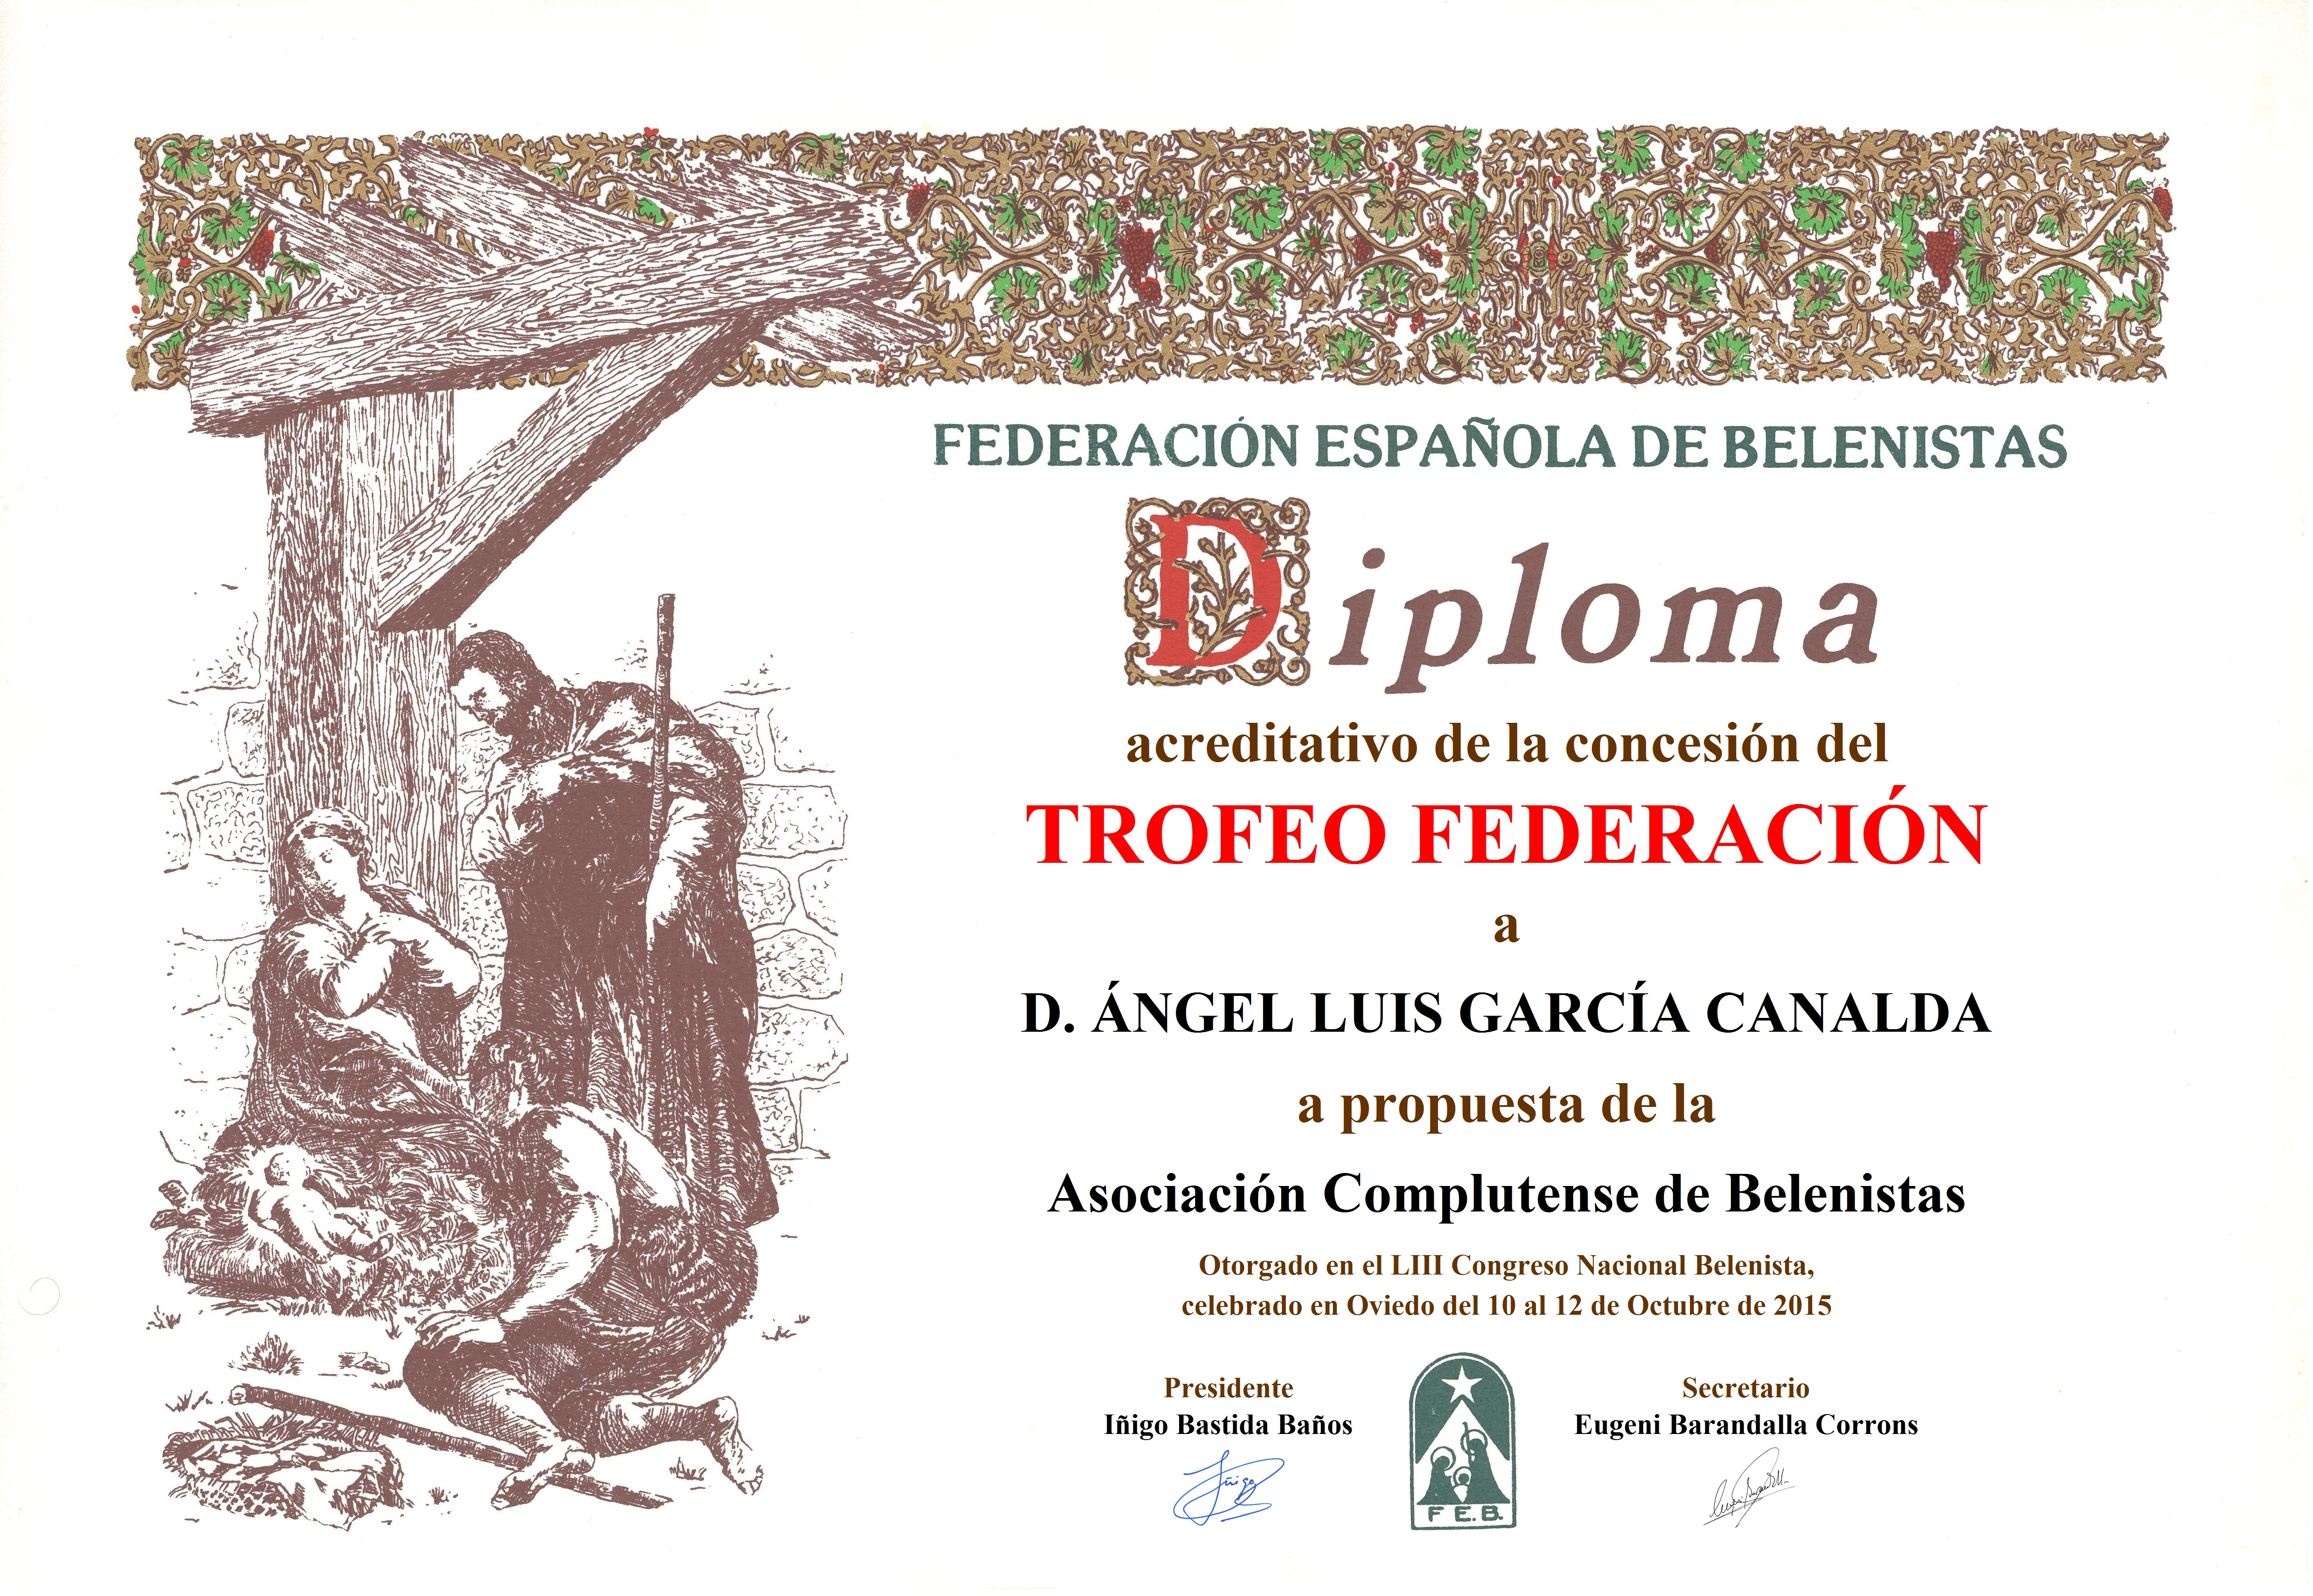 Diploma Trofeo FEB 2015 Ángel Luis García Canalda